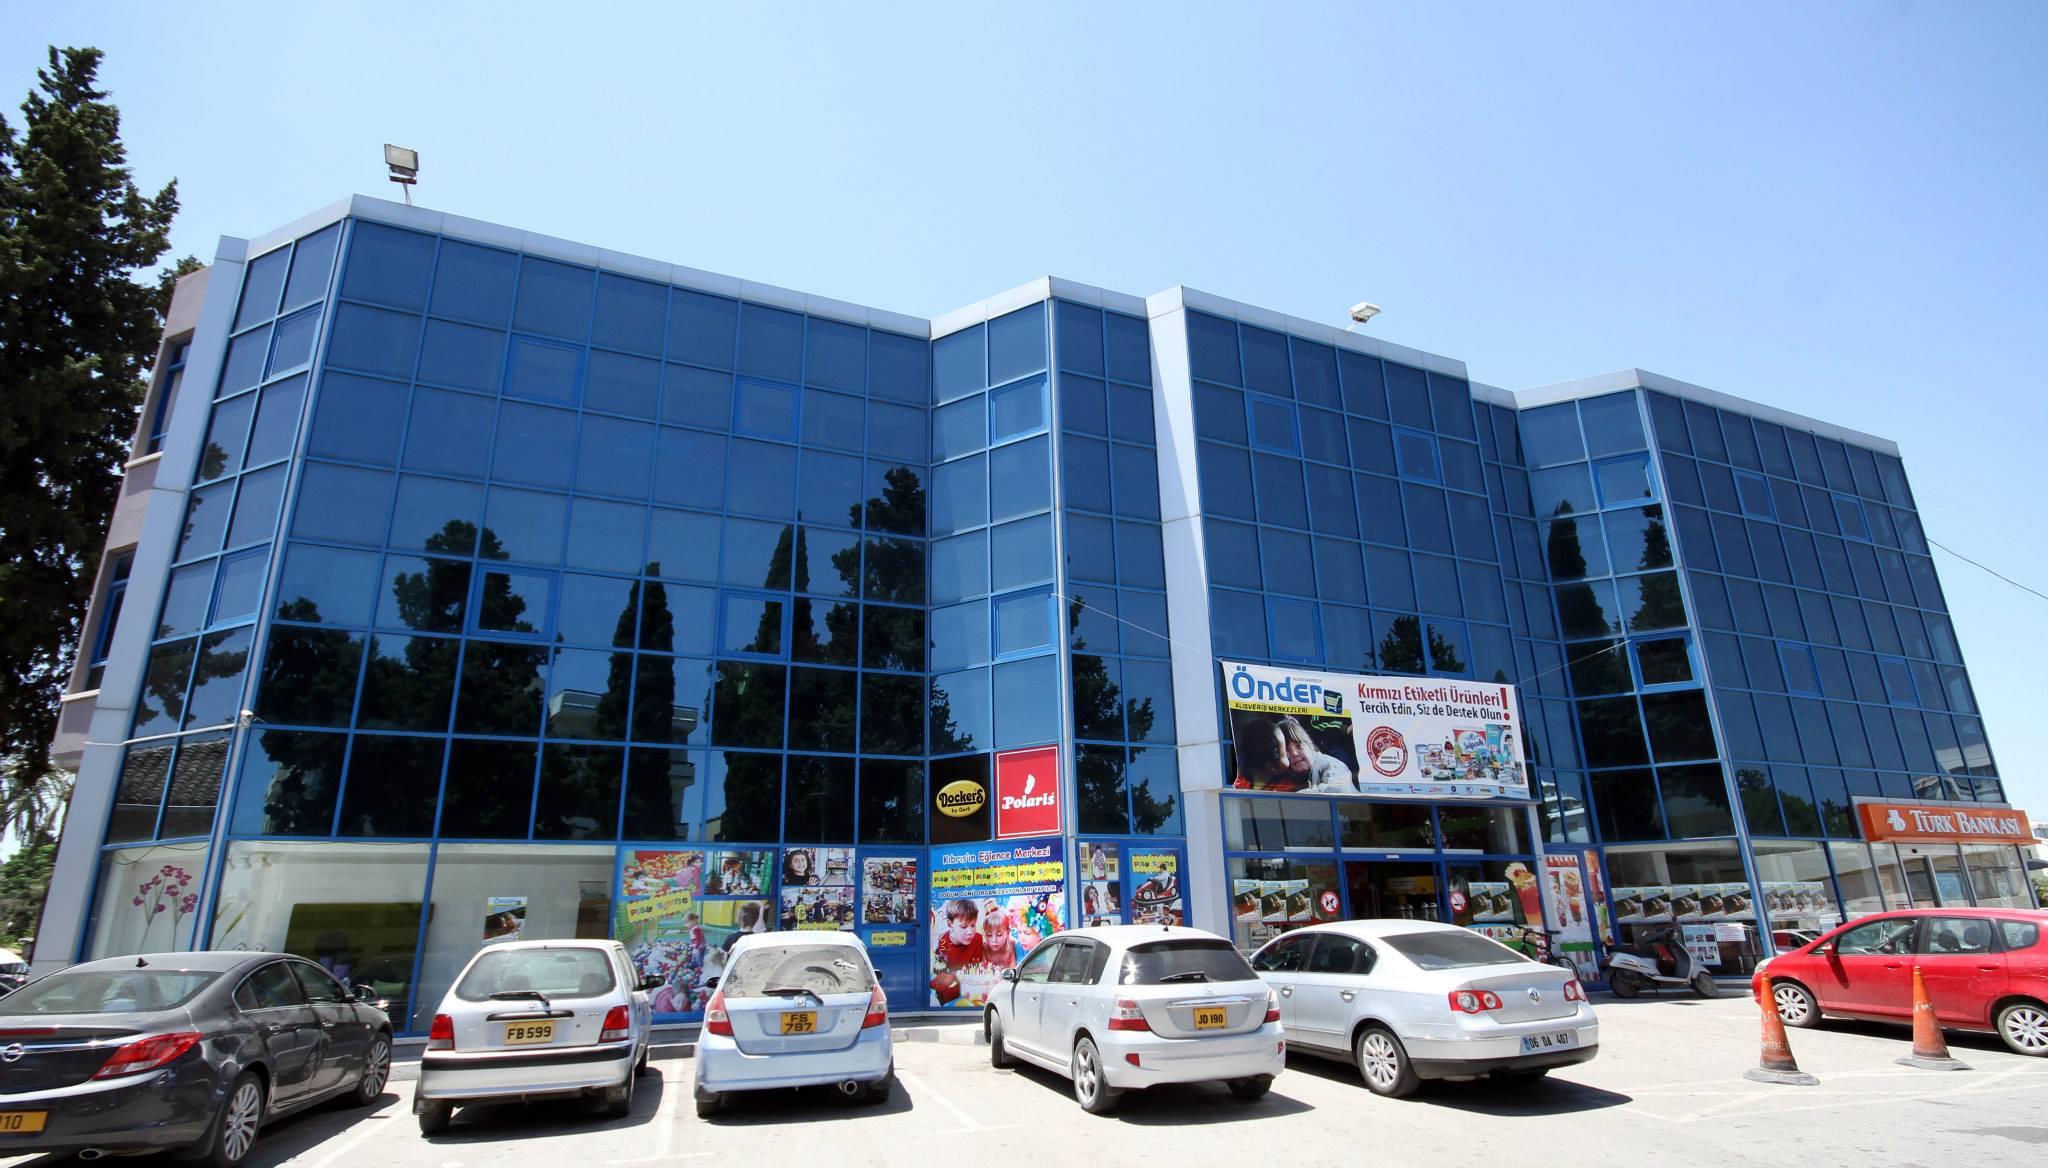 """Детский игровой центр в магазине """"Ондер"""""""